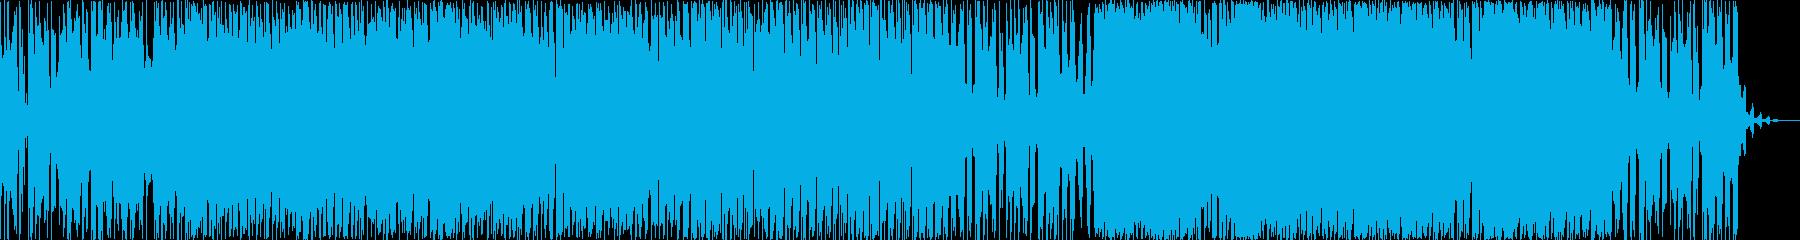 背水の陣での戦い 和風バトルの再生済みの波形